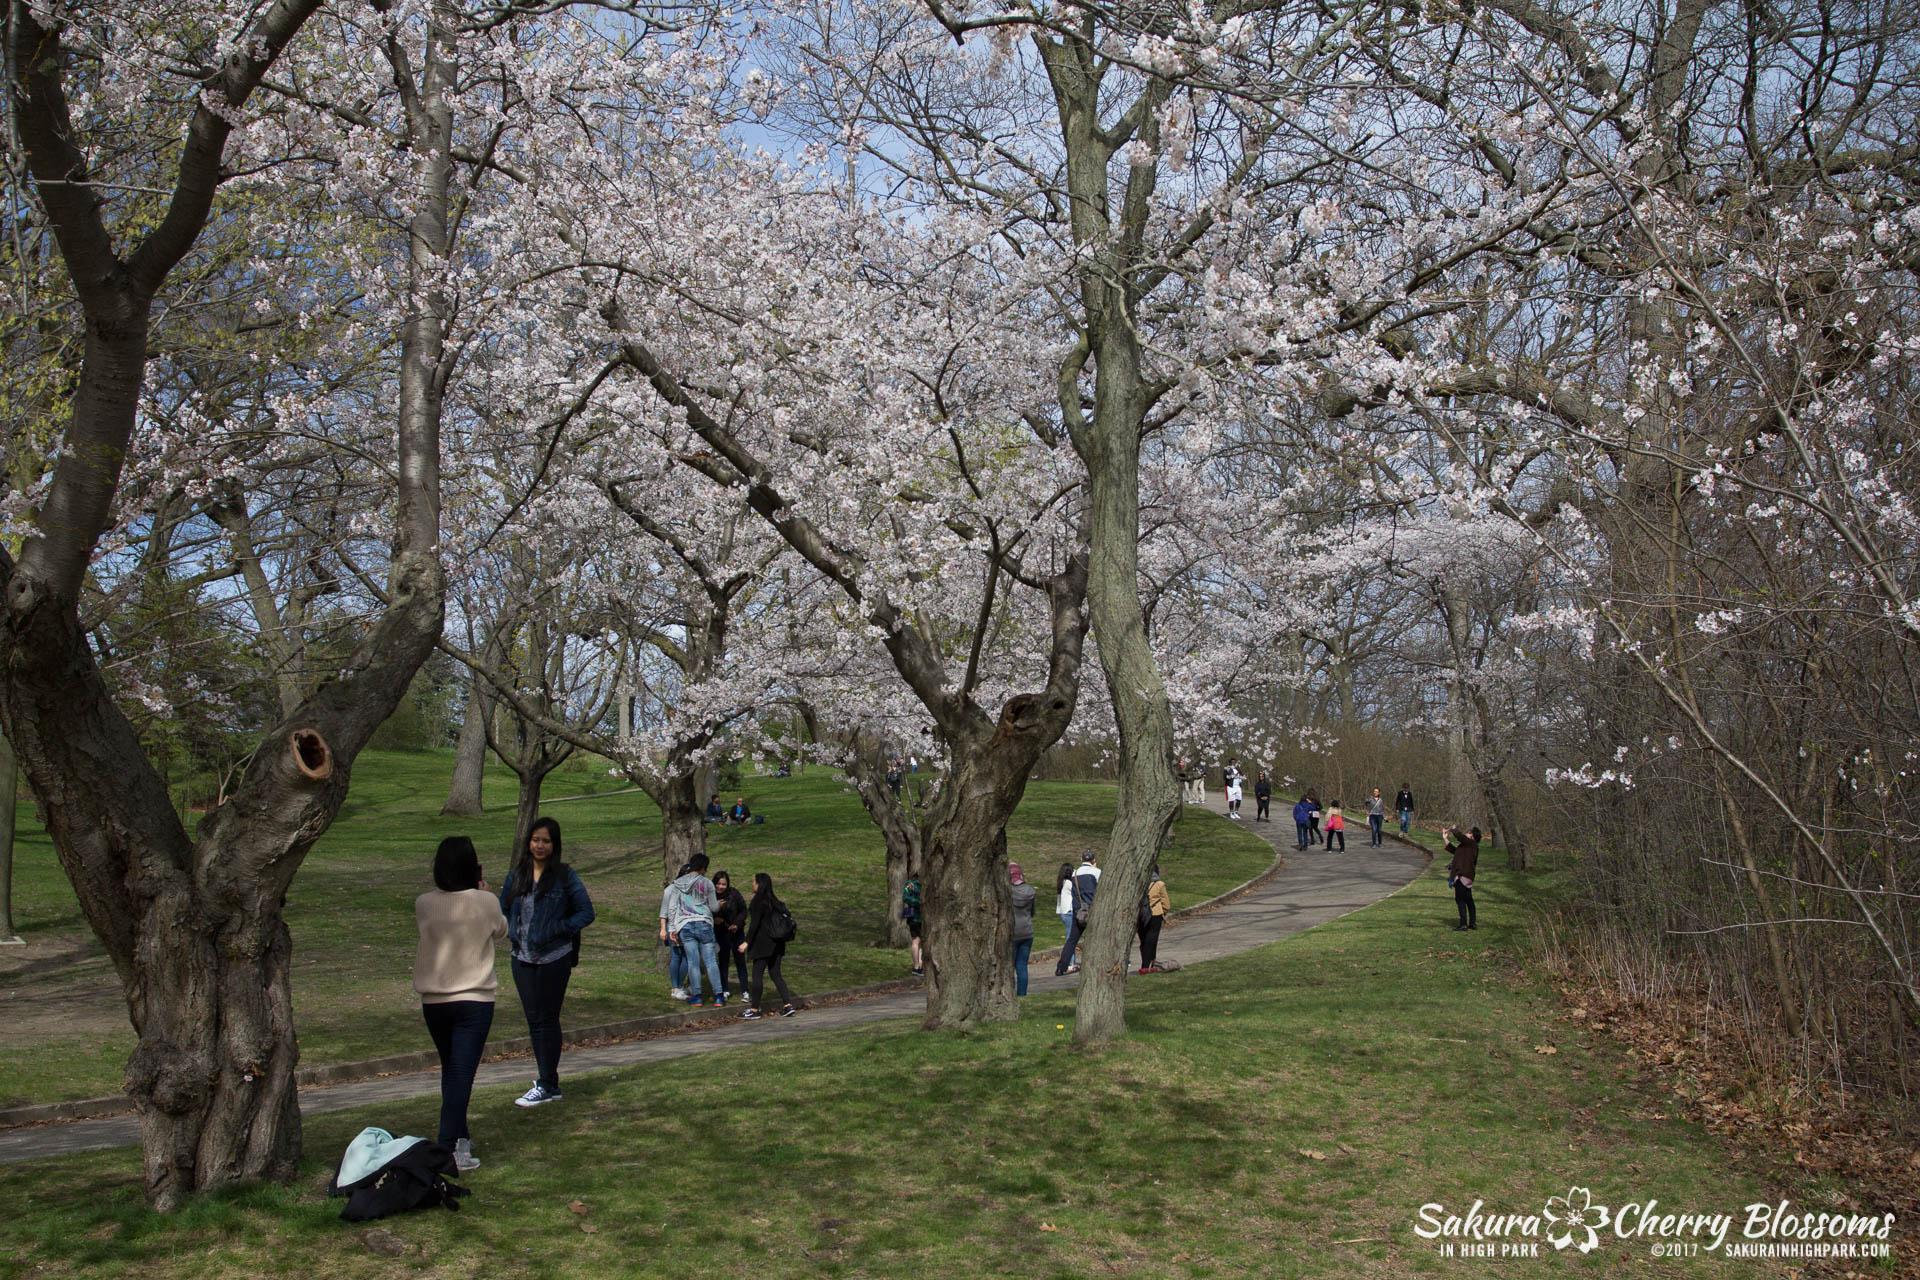 Sakura-Watch-April-28-2017-full-bloom-throughout-High-Park-5867.jpg